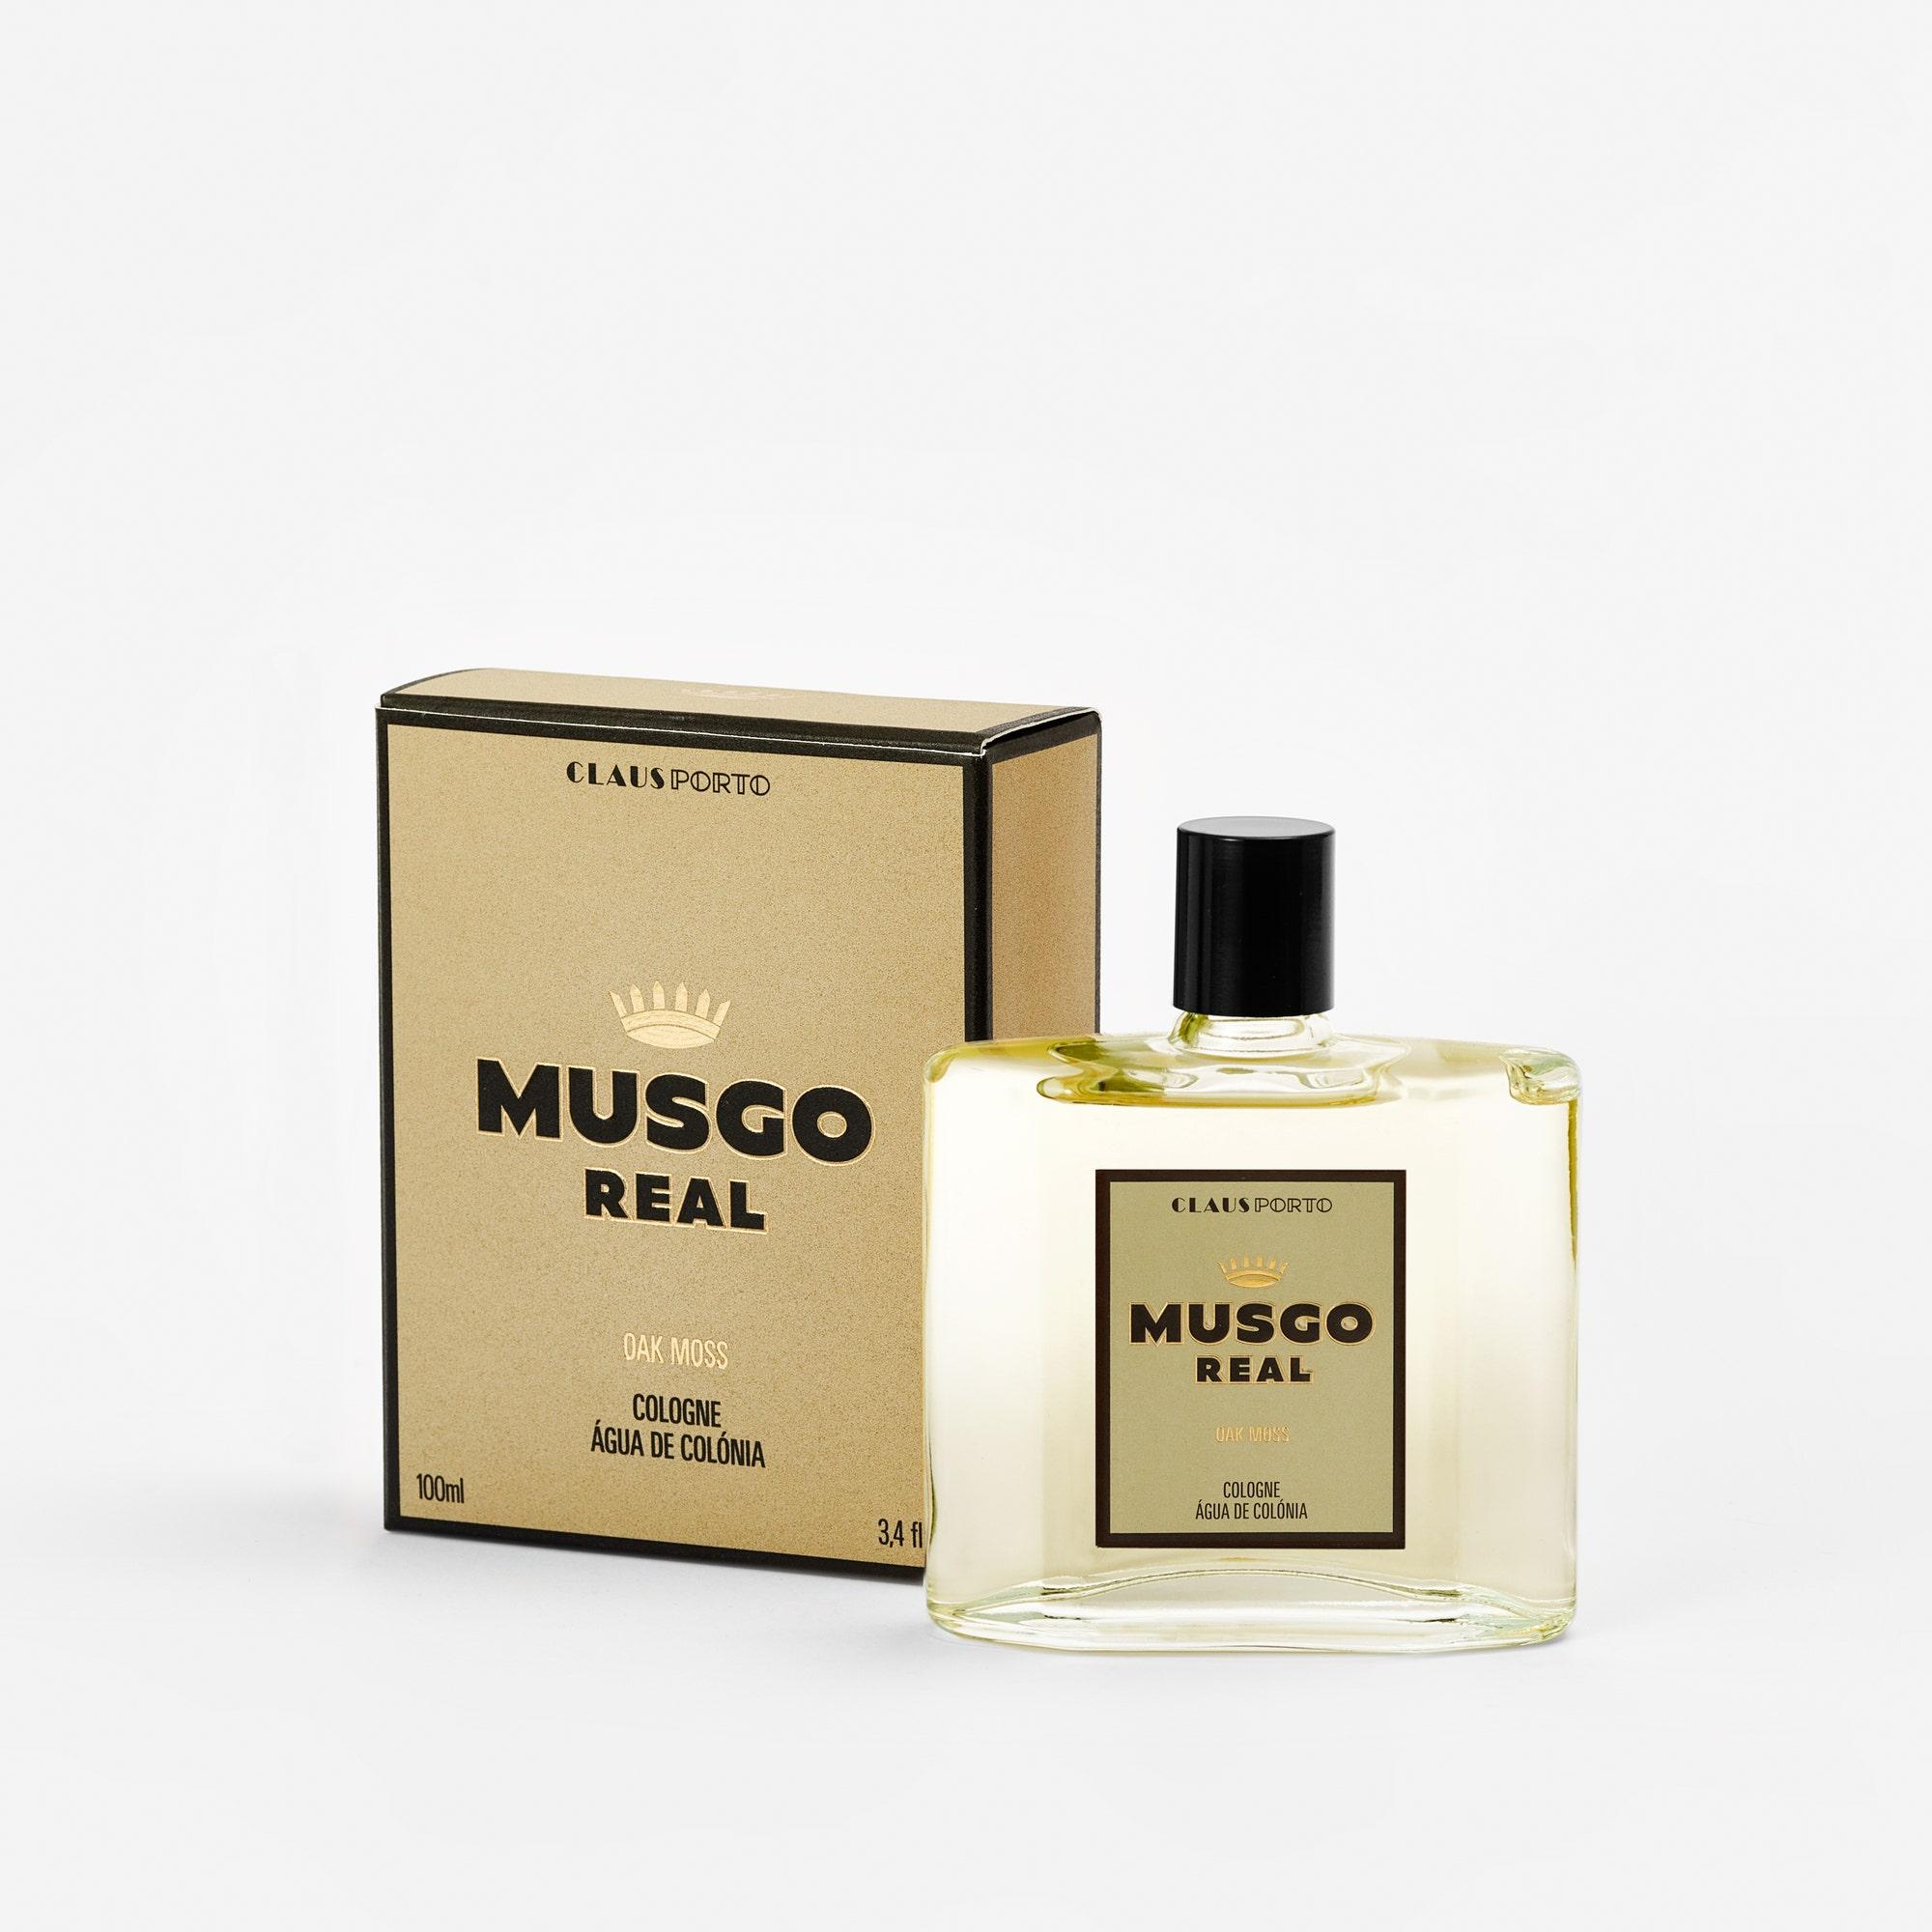 Musgo Real Cologne - Oak Moss - 100ml